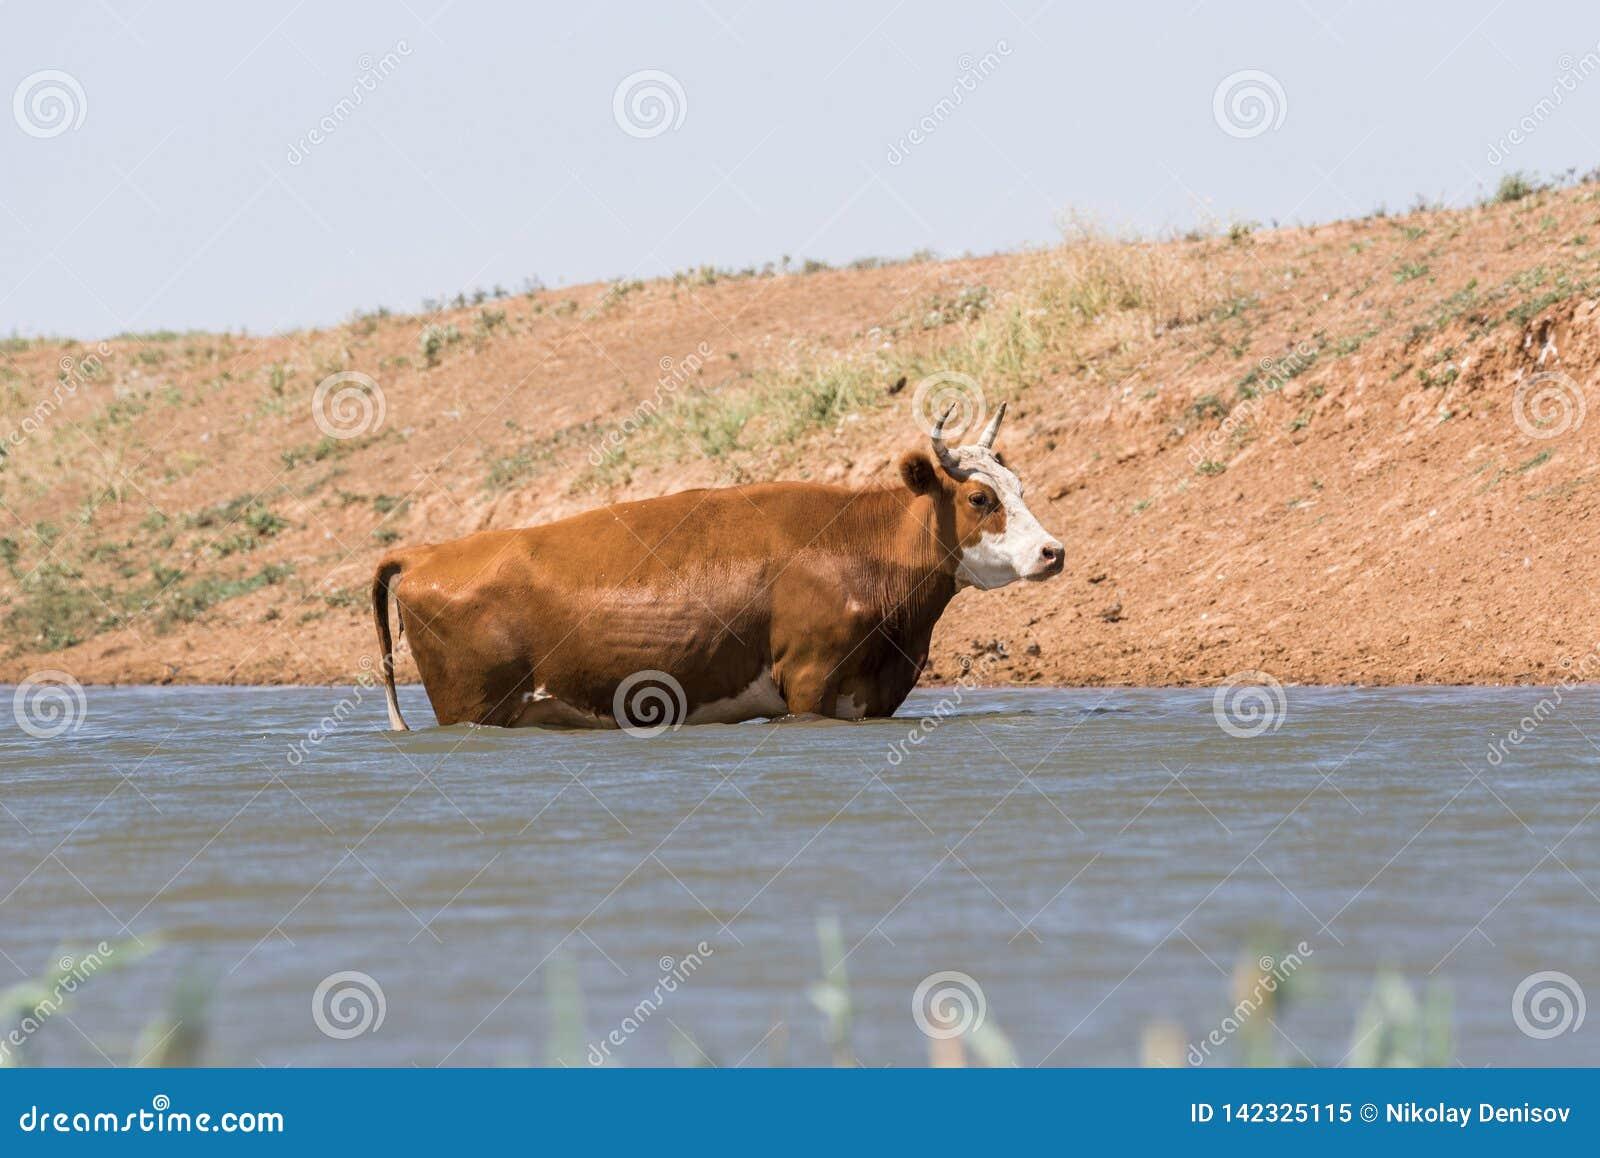 Kühe an einem Wasserentnahmestellegetränkwasser und während der starken Hitze und der Dürre baden